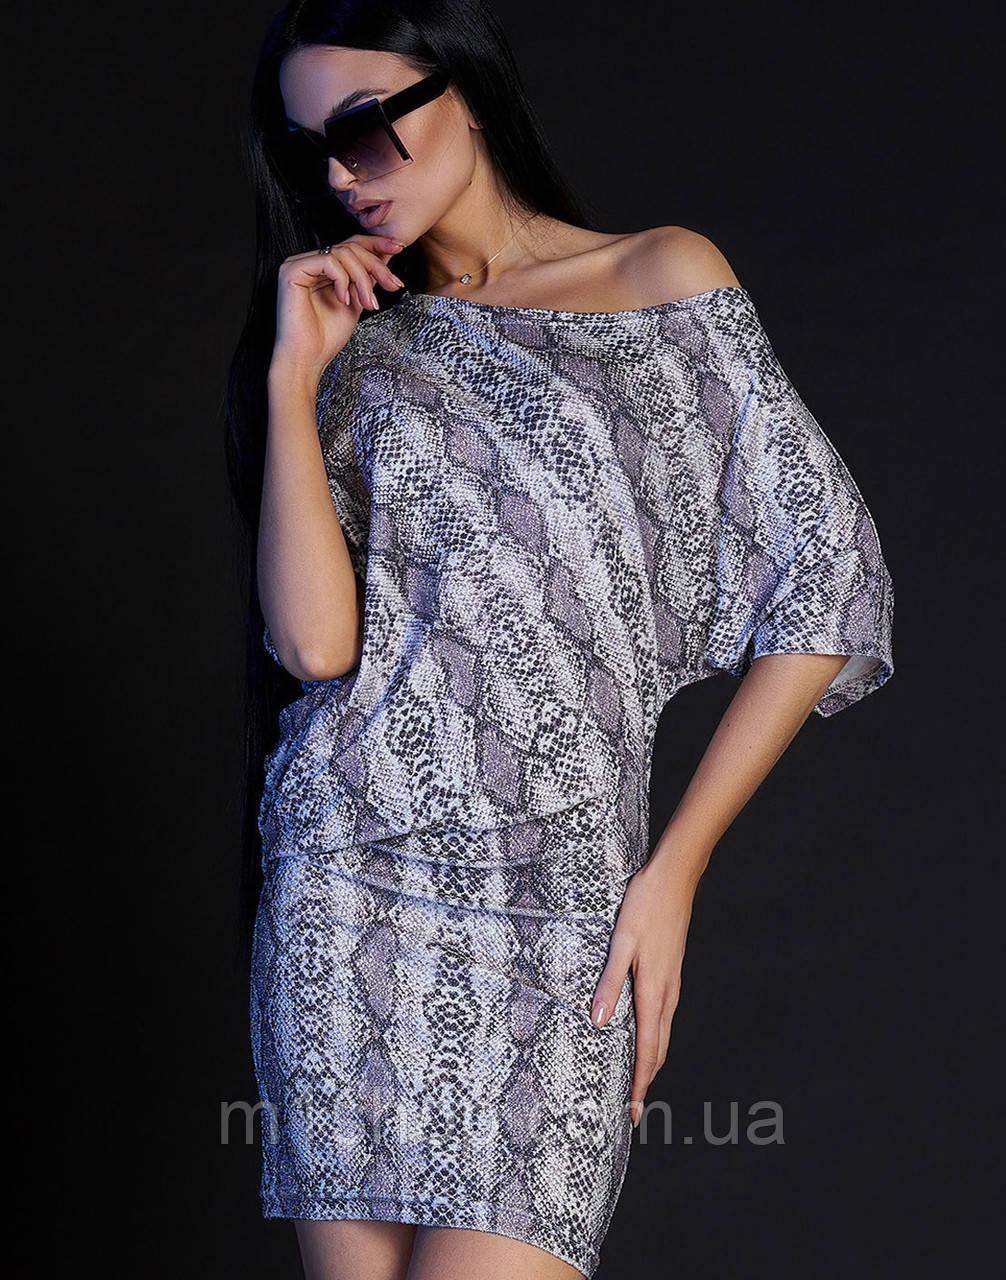 Женское облегающее короткое платье с принтом змеи (Крис jd)